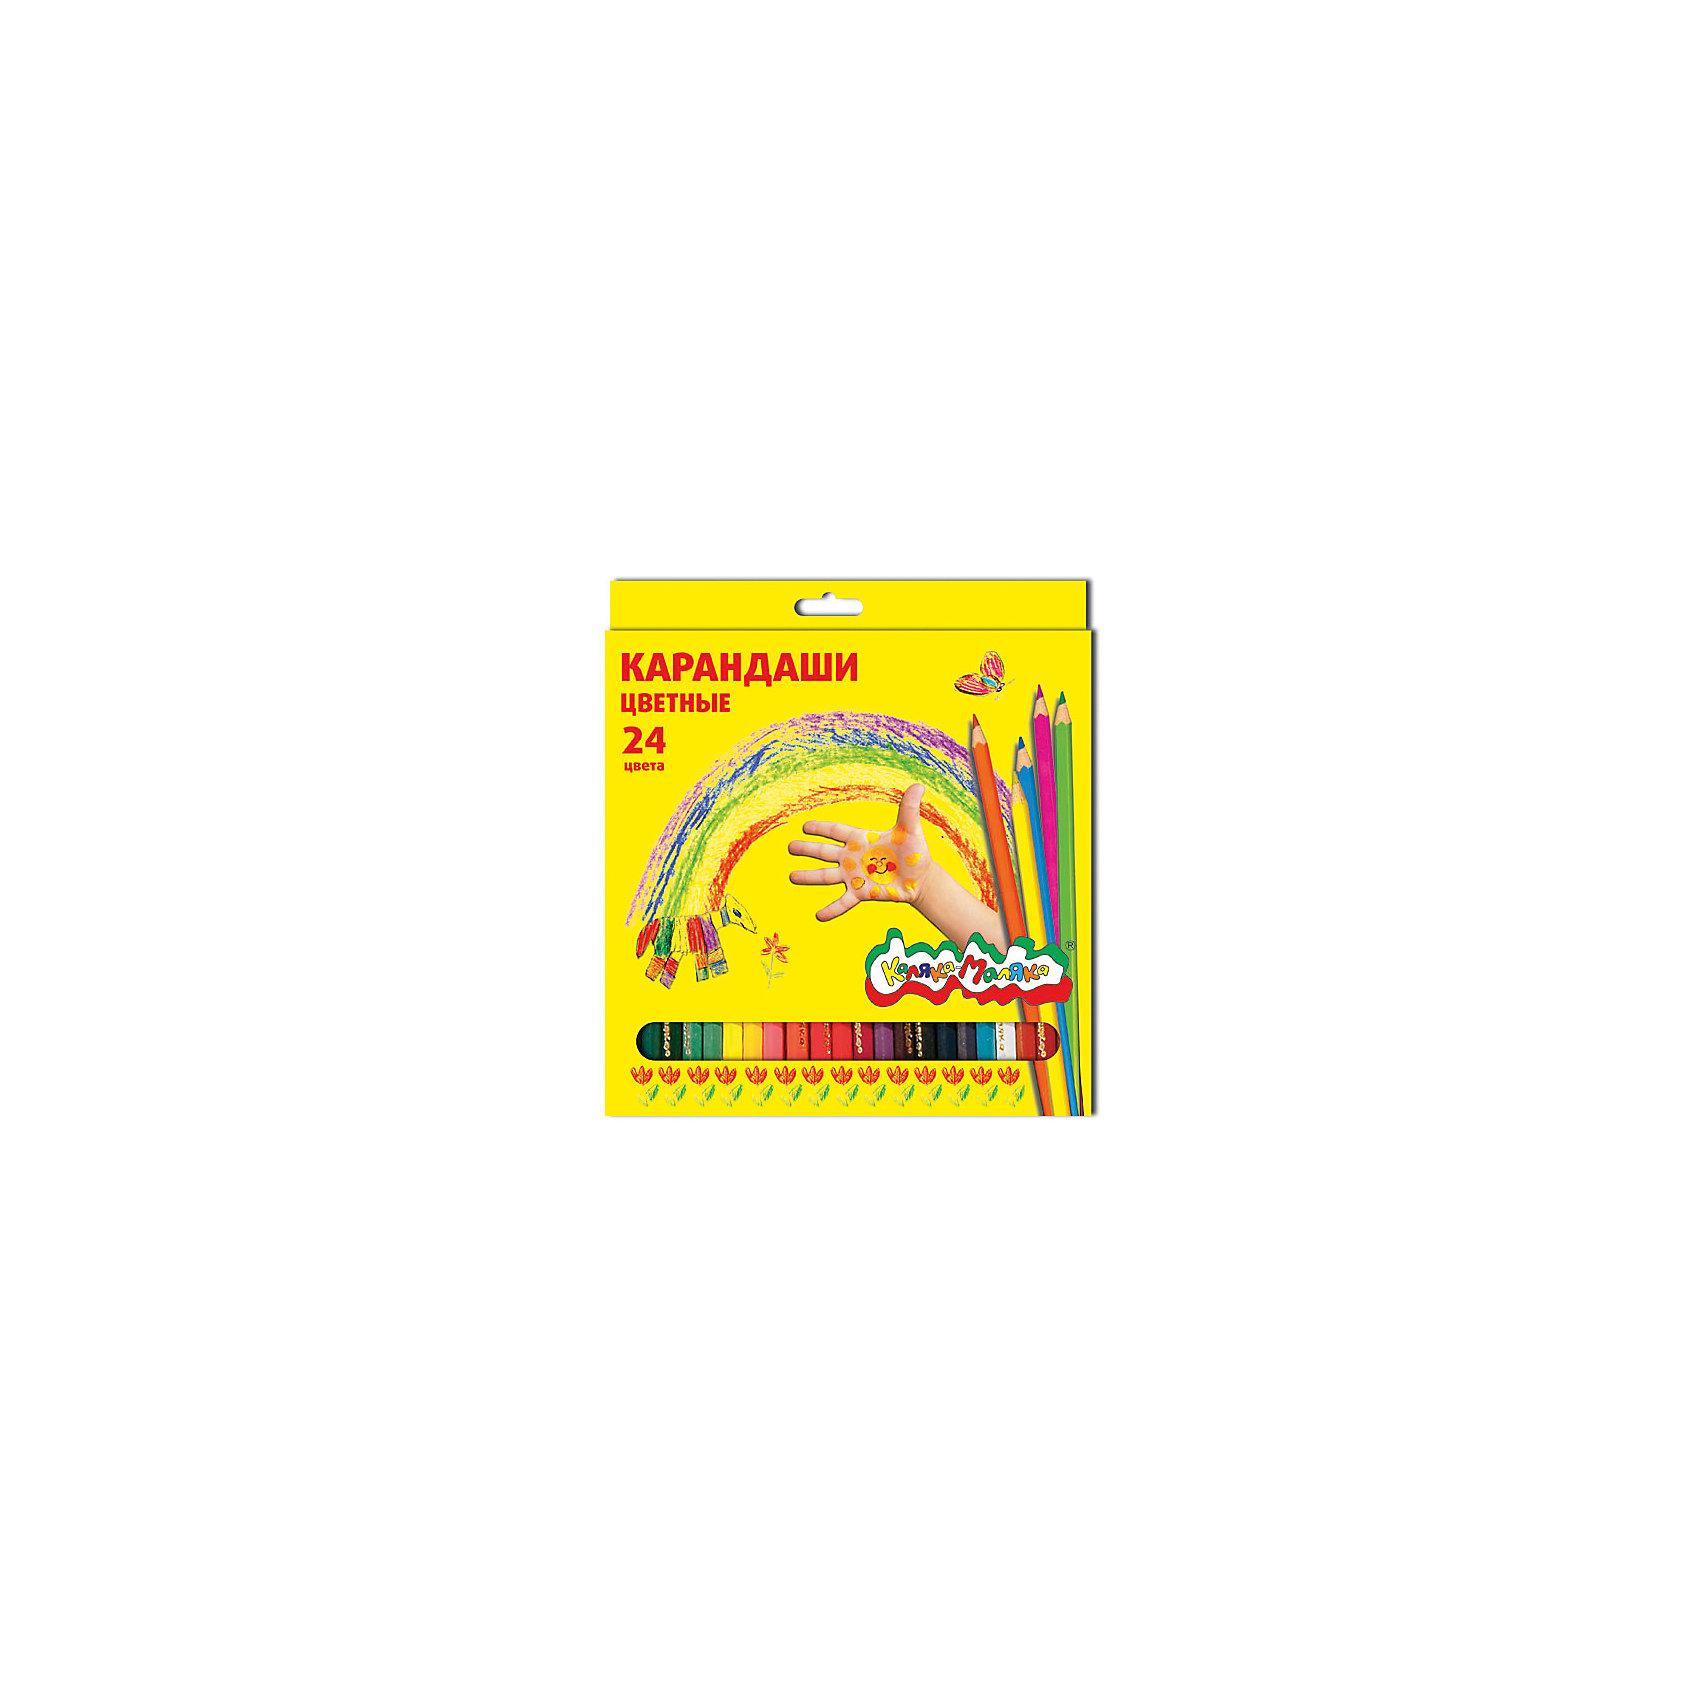 Цветные карандаши 24 цв, шестигранные с заточкойКарандаши разработаны специально для маленьких художников, только начинающих создавать свои первые шедевры. Цветные карандаши Каляка-Маляка® имеют оптимальную мягкость, таким образом, рука ребенка меньше устает и привыкает правильно держать карандаши. Они оставляют на бумаге яркий, устойчивый к выцветанию след. Именно поэтому эти карандаши идеально подходят для использования в детских садах и начальных школах.Цветные карандаши Каляка-Маляка® изготовлены из высококачественной древесины и имеют специальный особо прочный грифель. Они легко затачиваются без «заусенец», которые могут поцарапать пальчики малышей. • изготовлены из прочной и легкой древесины• имеют идеально отцентрованный мягкий прочный грифель• не крошатся во время заточки, не ломаются, срез остается гладким и блестящим• хорошо заточены• хорошо ложатся на бумагу, оставляя яркий, устойчивый к выцветанию след• покрыты лаком, предотвращающим от рассыхания и трещин на корпусе<br><br>Ширина мм: 178<br>Глубина мм: 9<br>Высота мм: 199<br>Вес г: 166<br>Возраст от месяцев: 36<br>Возраст до месяцев: 120<br>Пол: Унисекс<br>Возраст: Детский<br>SKU: 5354214